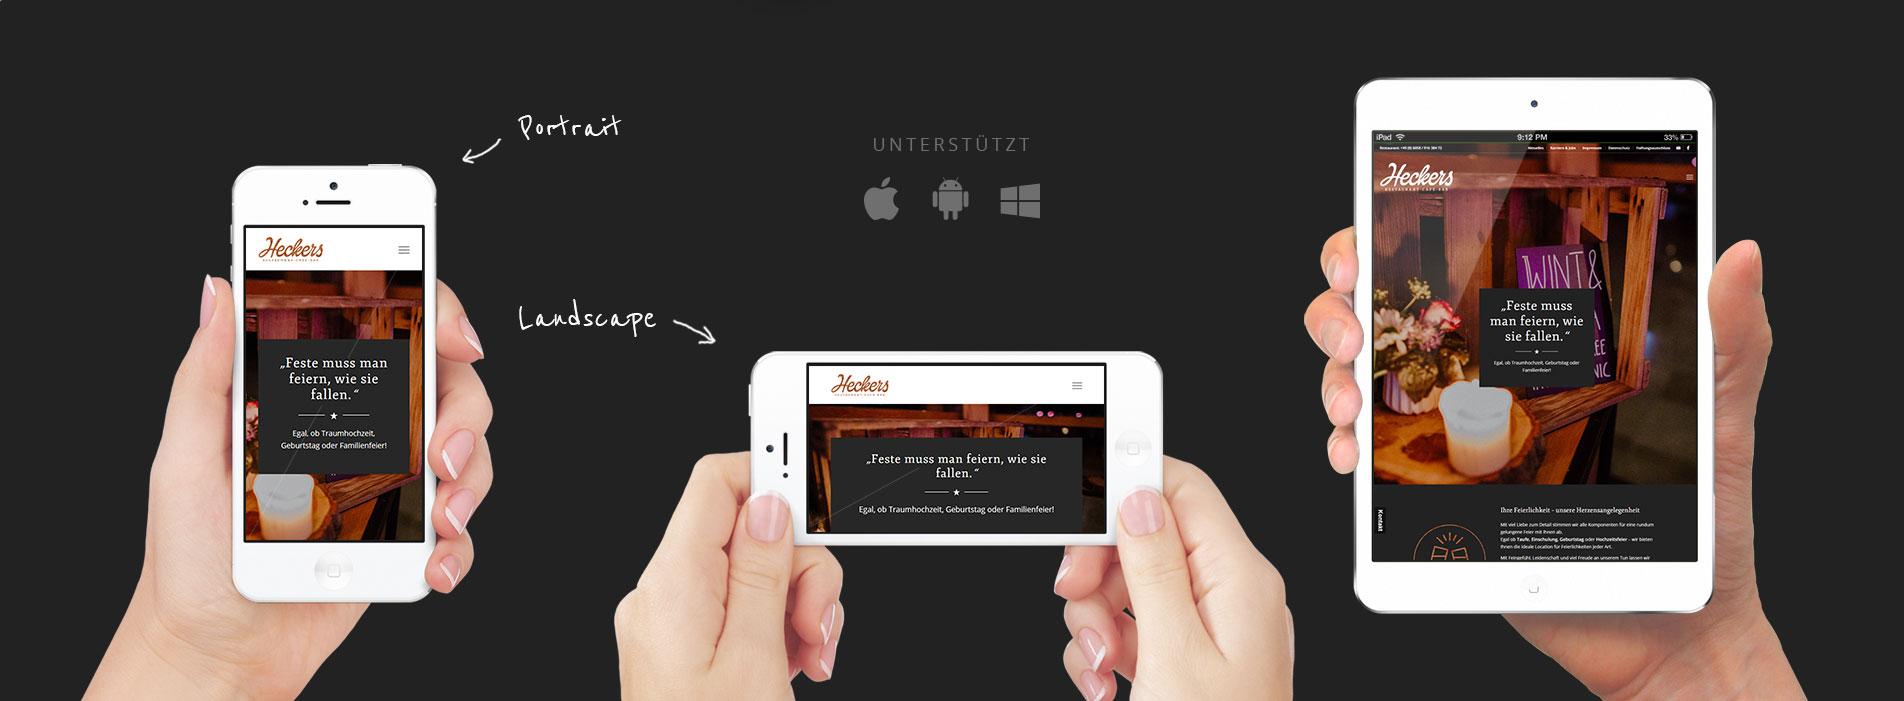 heckers-restaurant_website_mobile